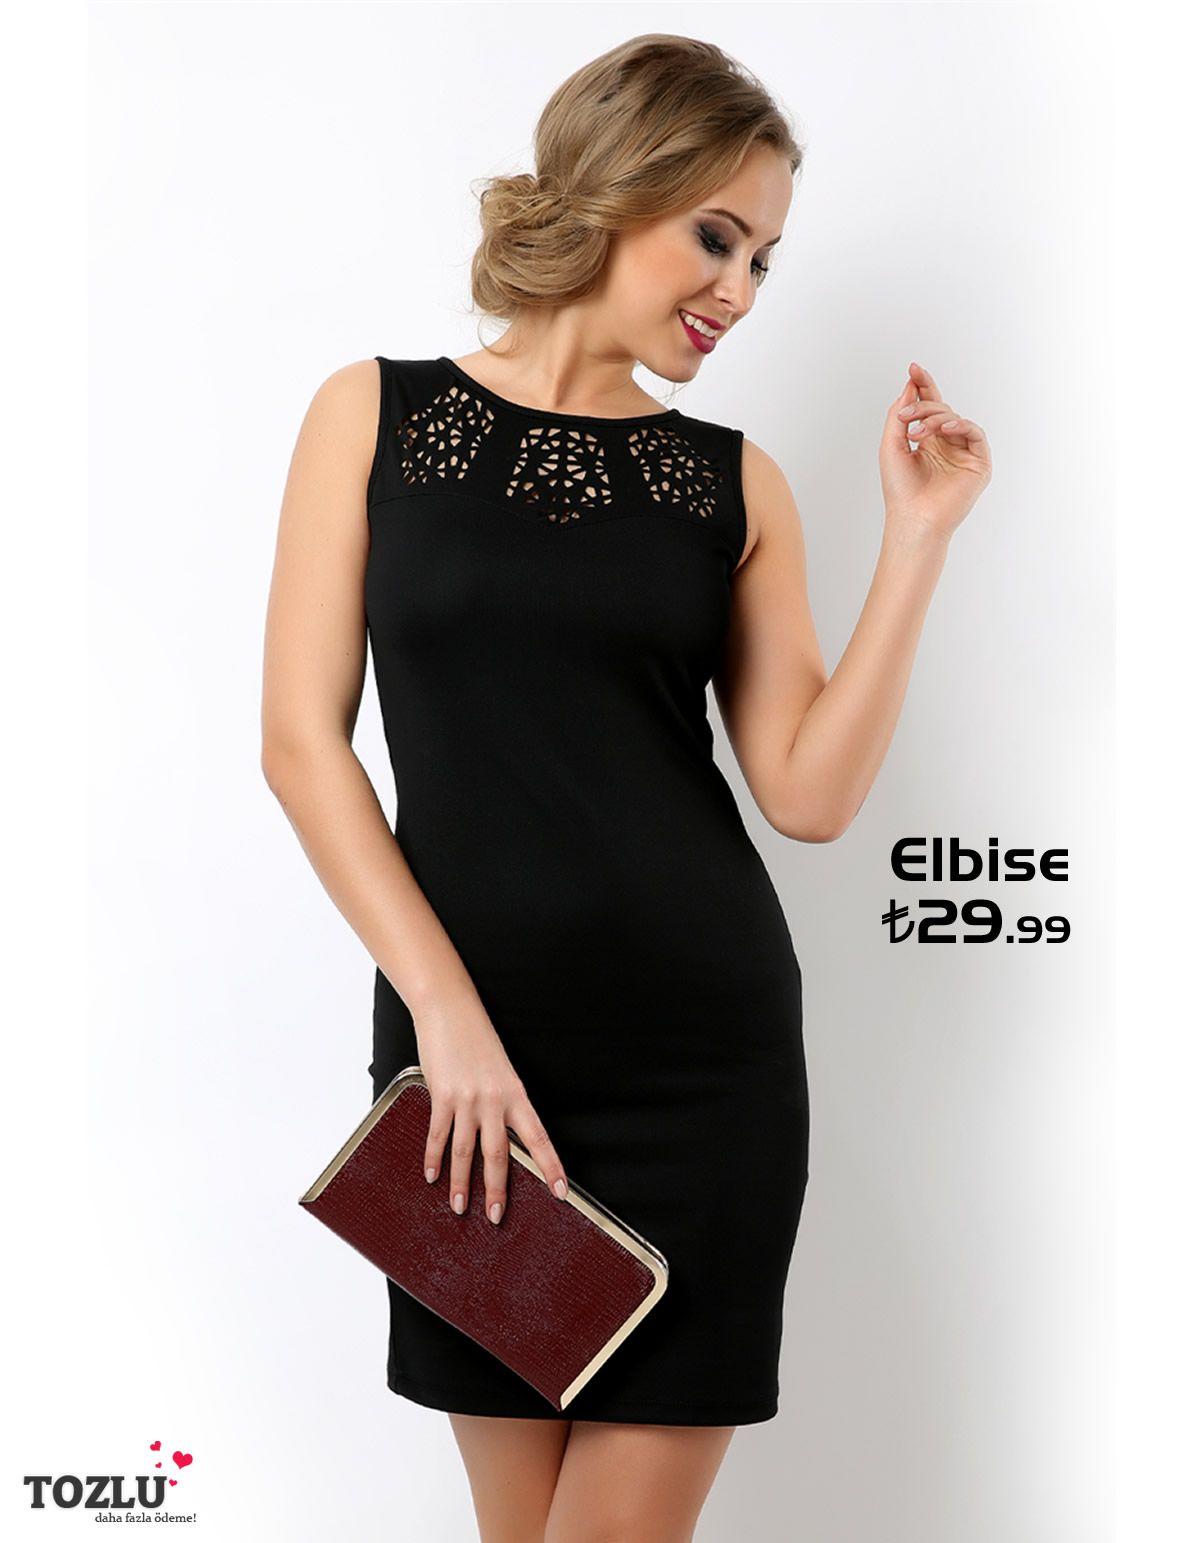 Tozlu Elbise Modelleri Ile Kendinizi Daha Iyi Hissedin Urunu Incelemek Ve Siparis Vermek Icin Sitemize Davetlisiniz Www Tozlu C Elbise Elbise Modelleri Sik